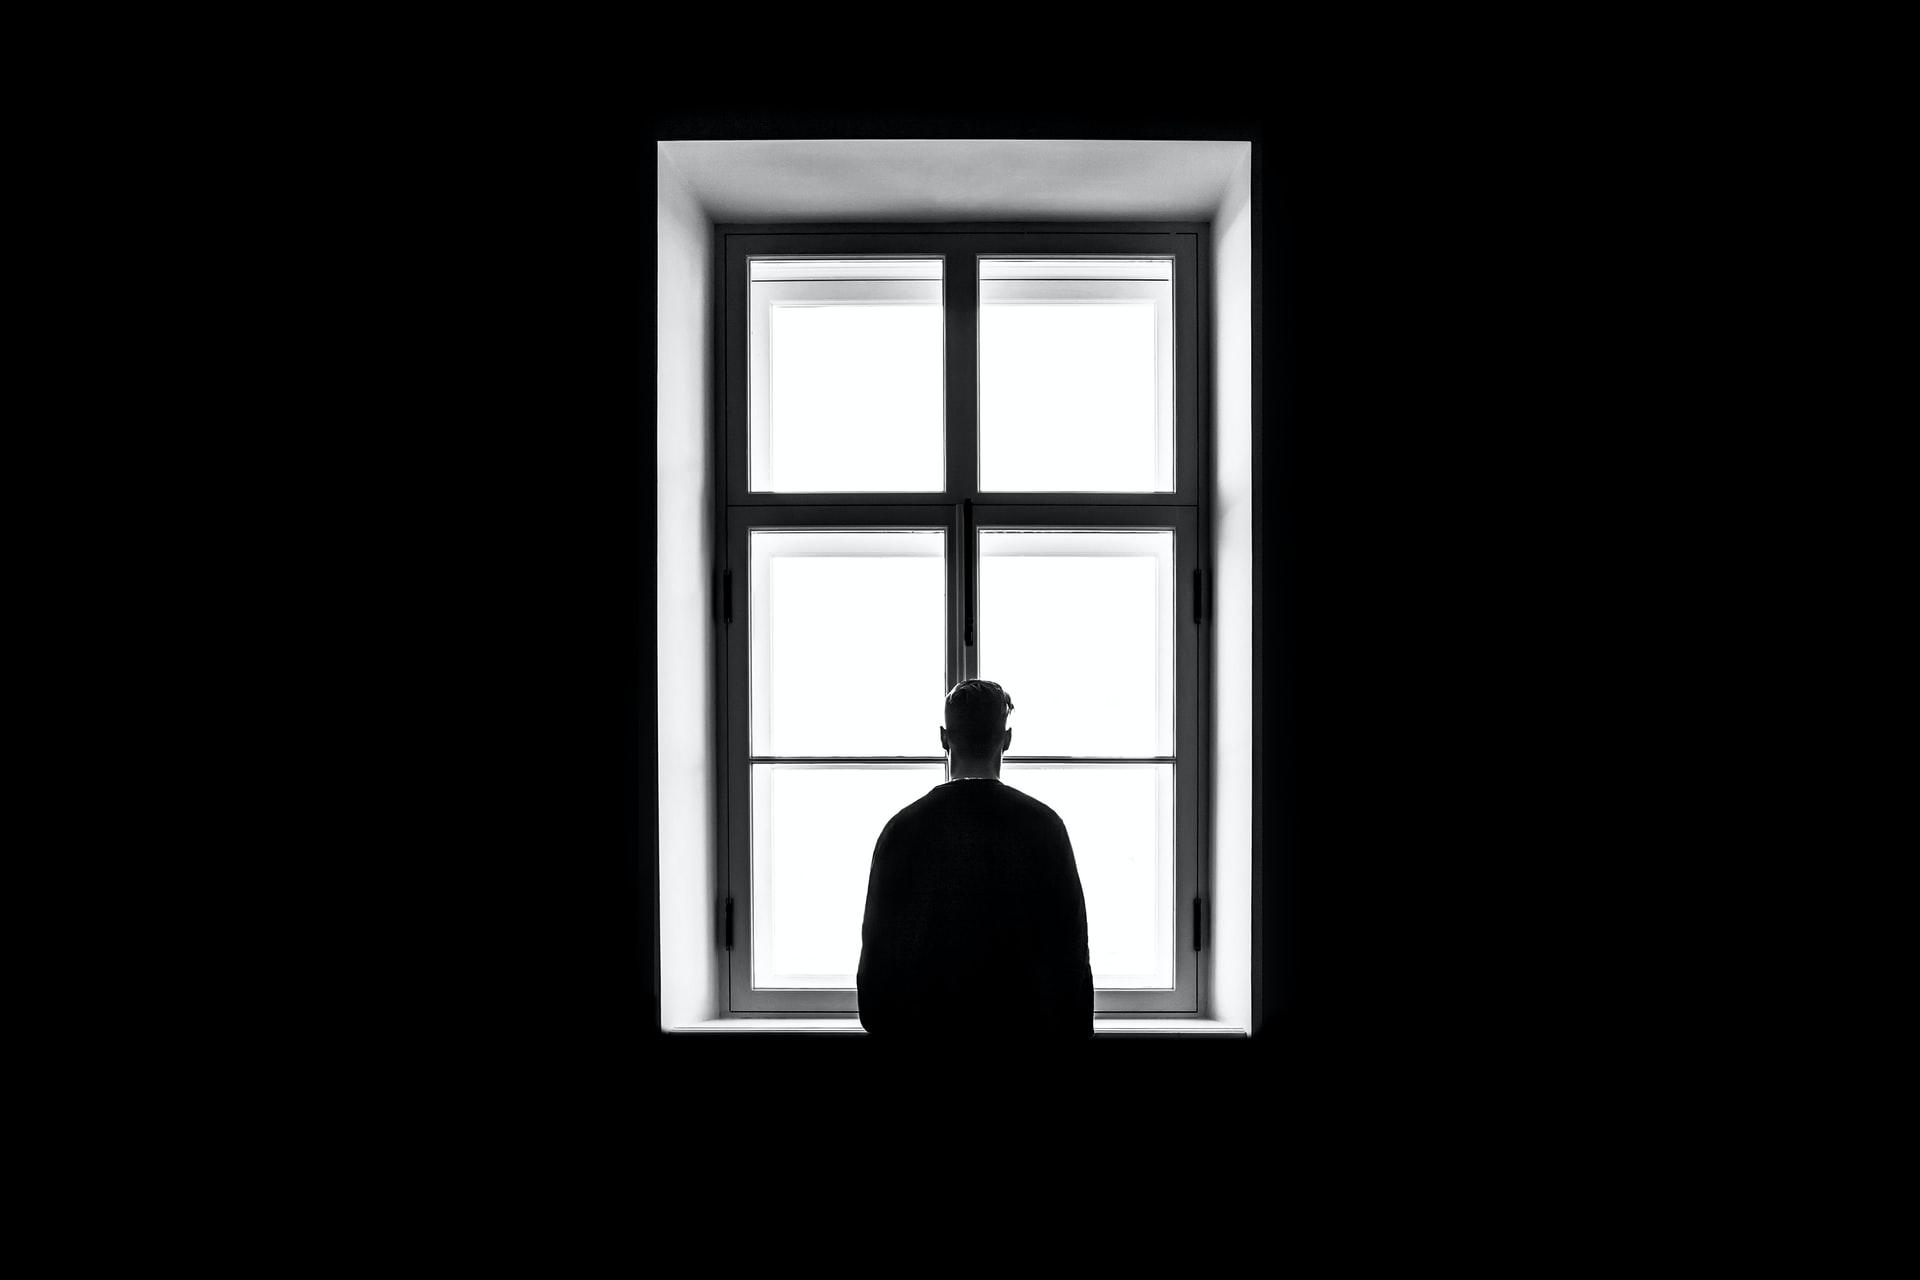 Depressie: Je bent niet alleen